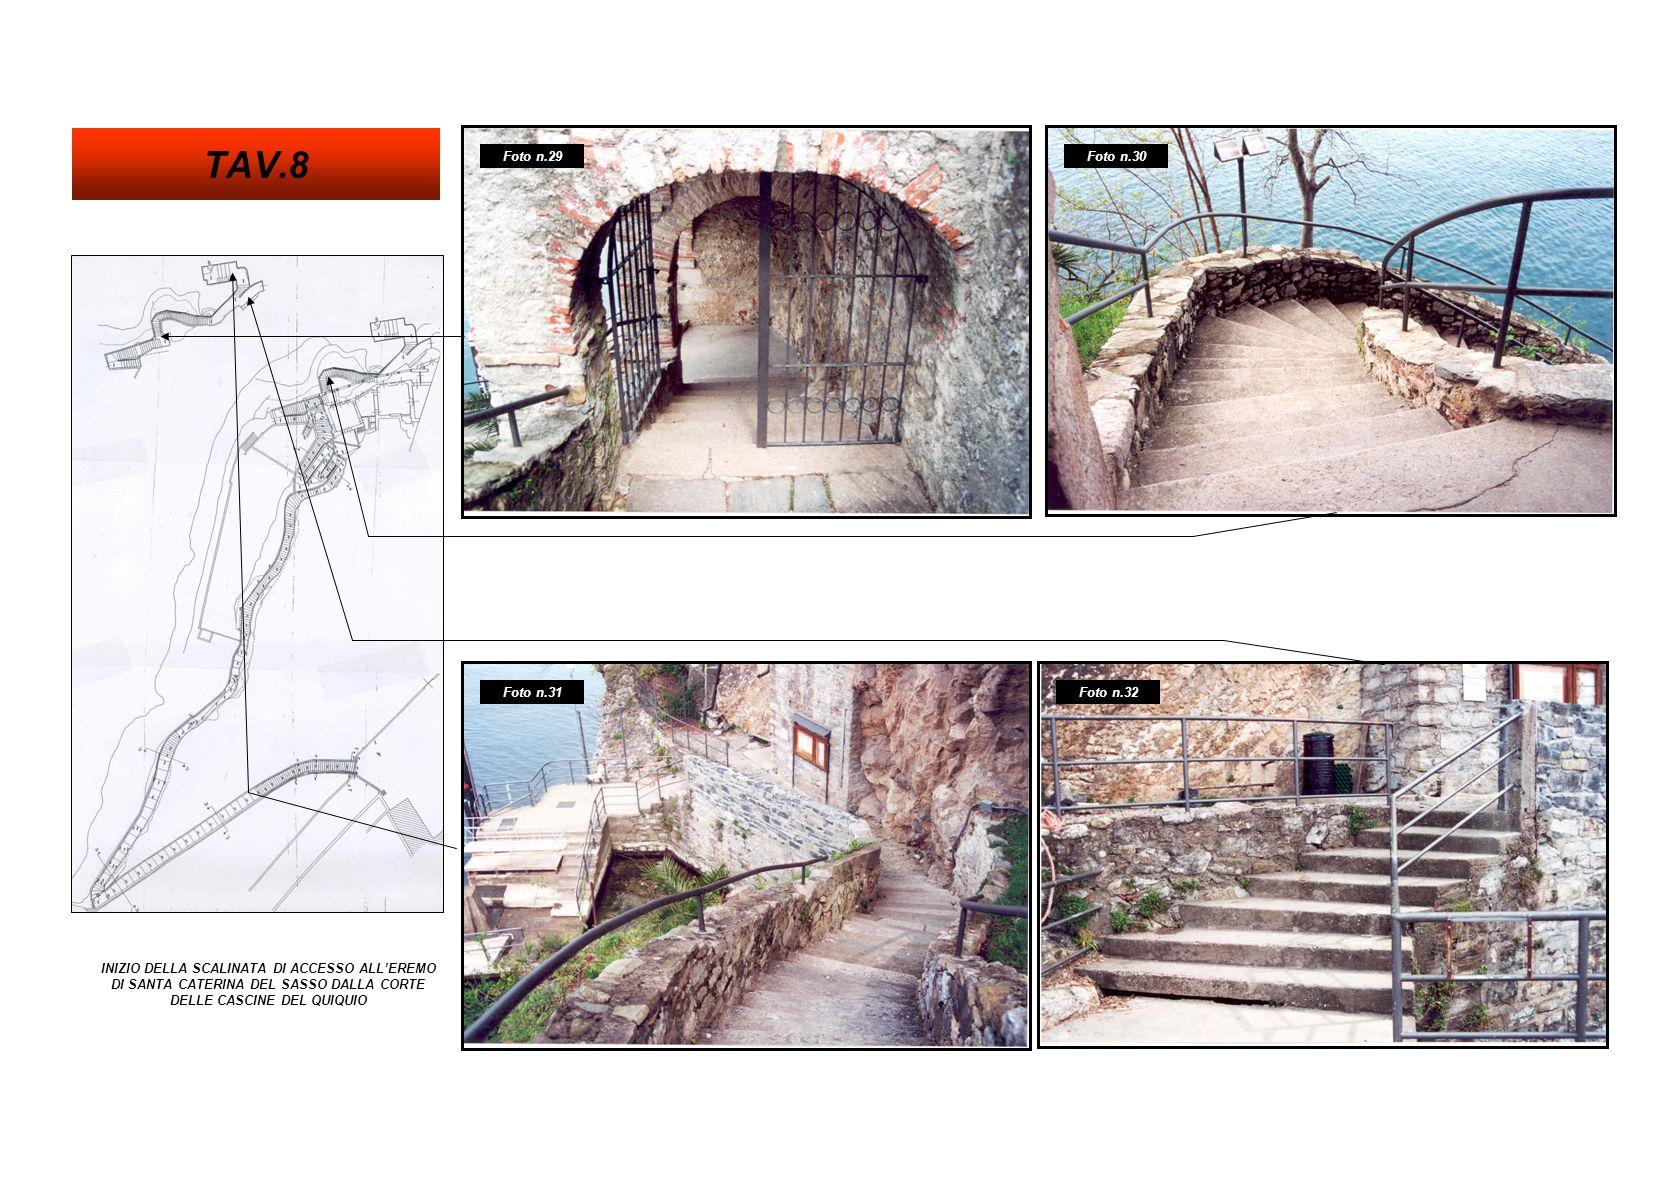 SCALINATA DI ACCESSO ALLEREMO DI SANTA CATERINA DEL SASSO DALLA CORTE DELLE CASCINE DEL QUIQUIO Foto n.36 Foto n.34 Foto n.33 TAV.9 Foto n.35